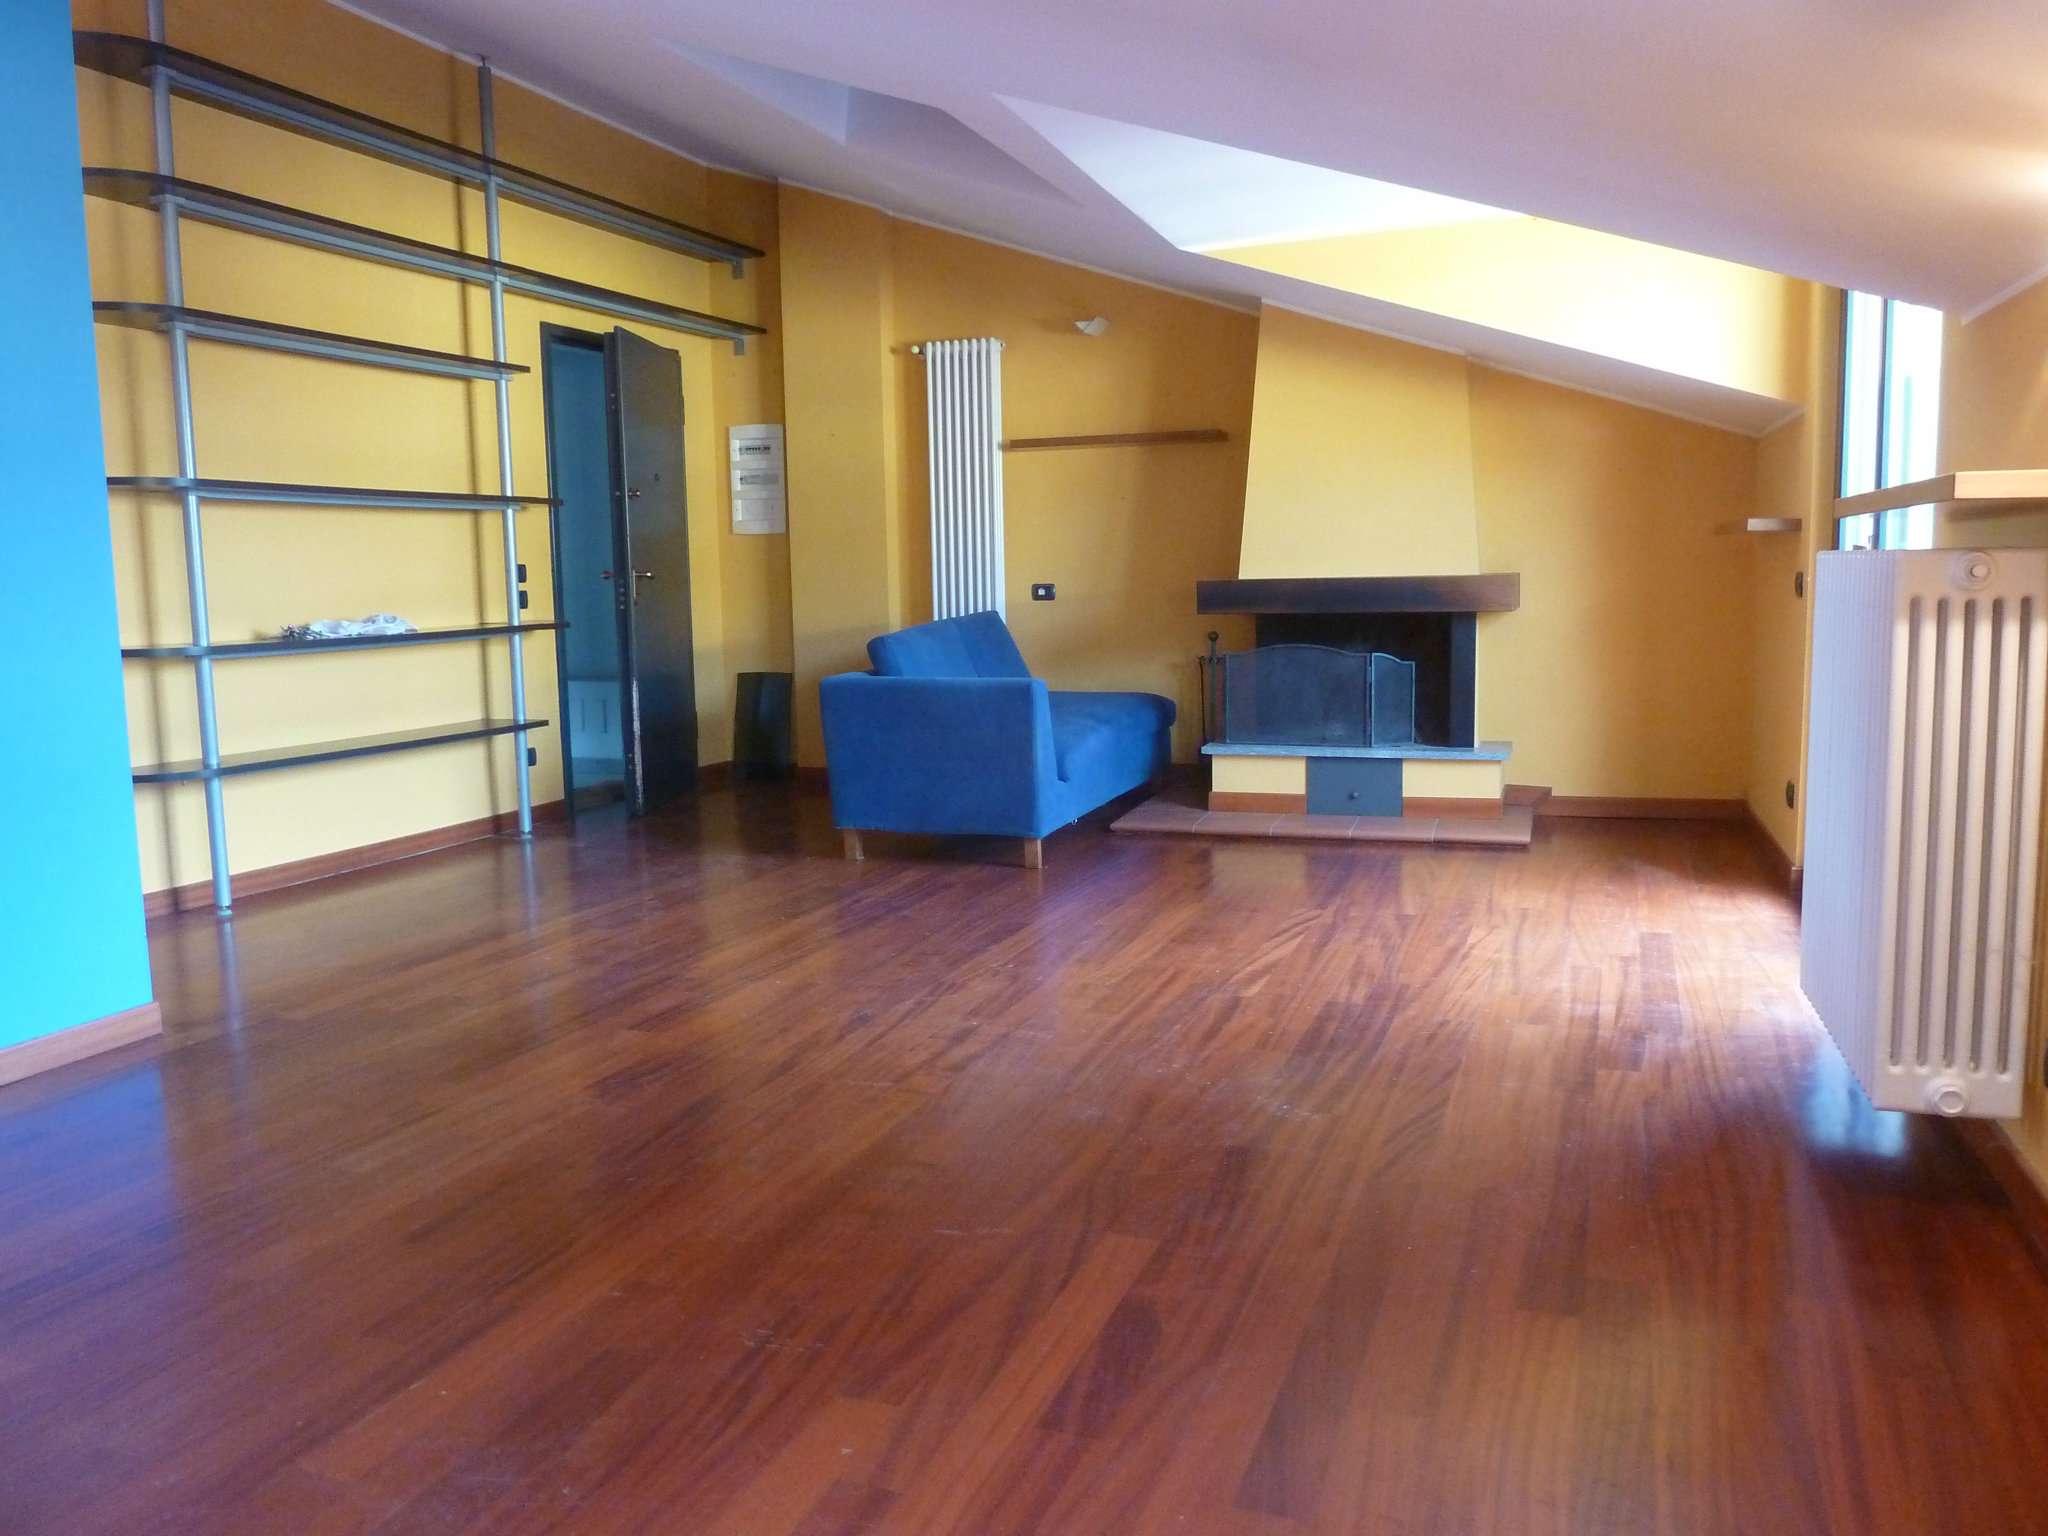 Attico / Mansarda in affitto a Tradate, 3 locali, prezzo € 850 | PortaleAgenzieImmobiliari.it